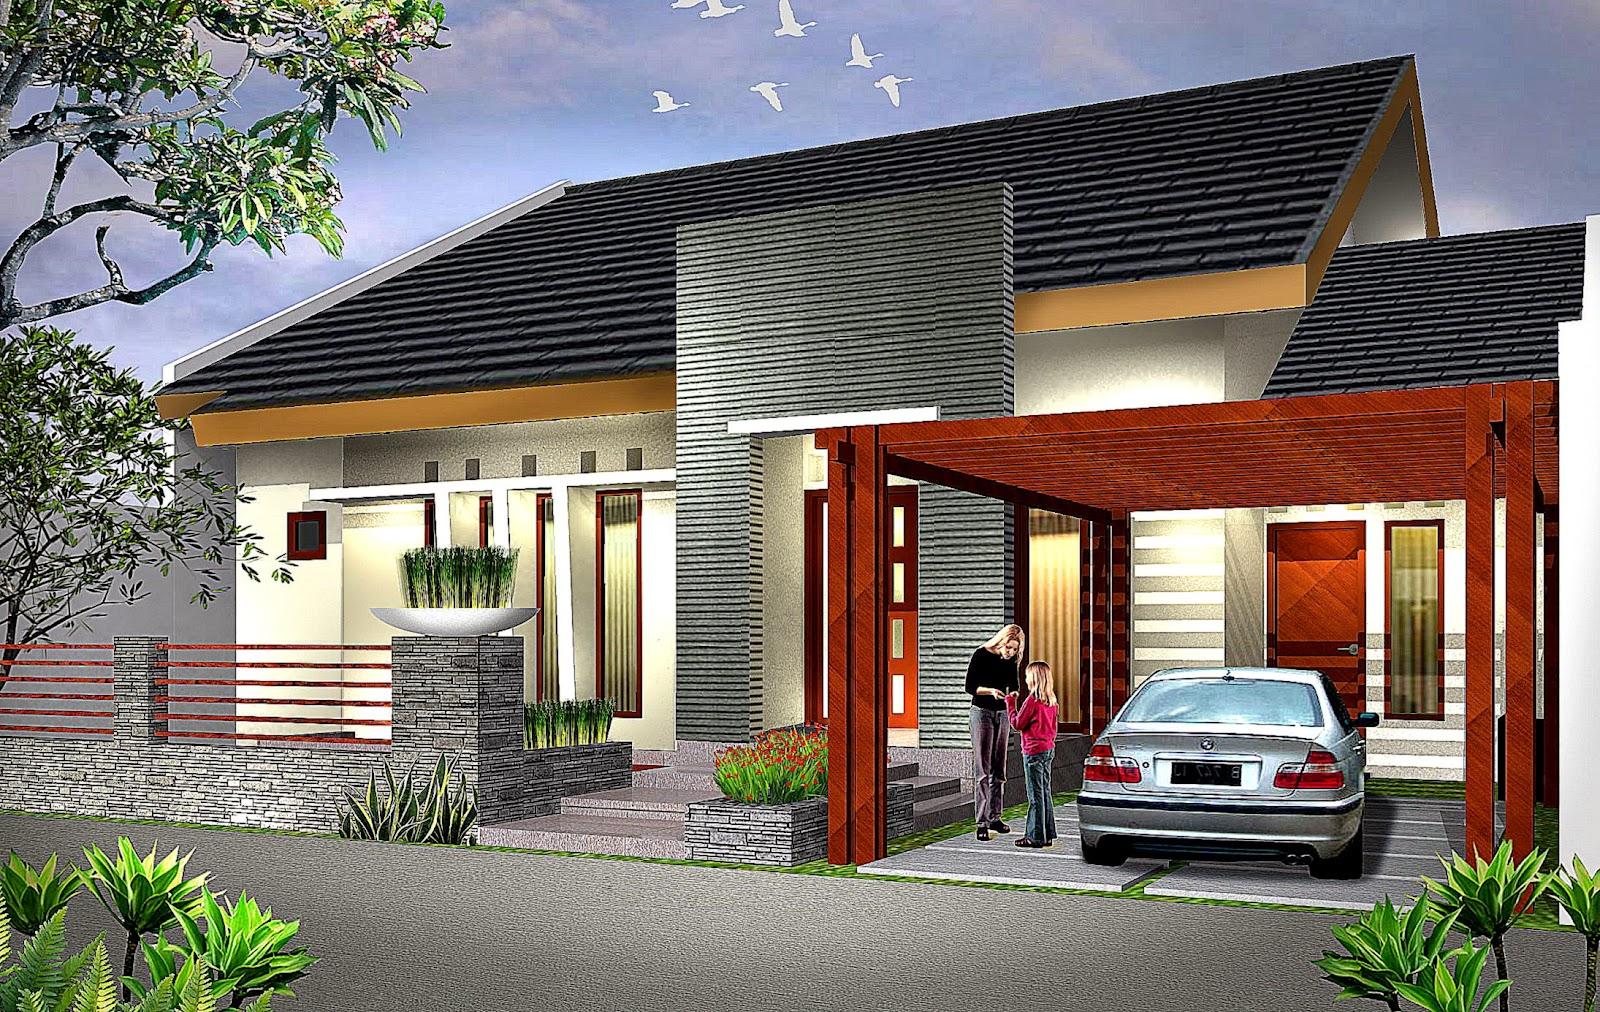 Gambar Model Rumah Type 36 Sederhana Minimalis Modern 2015